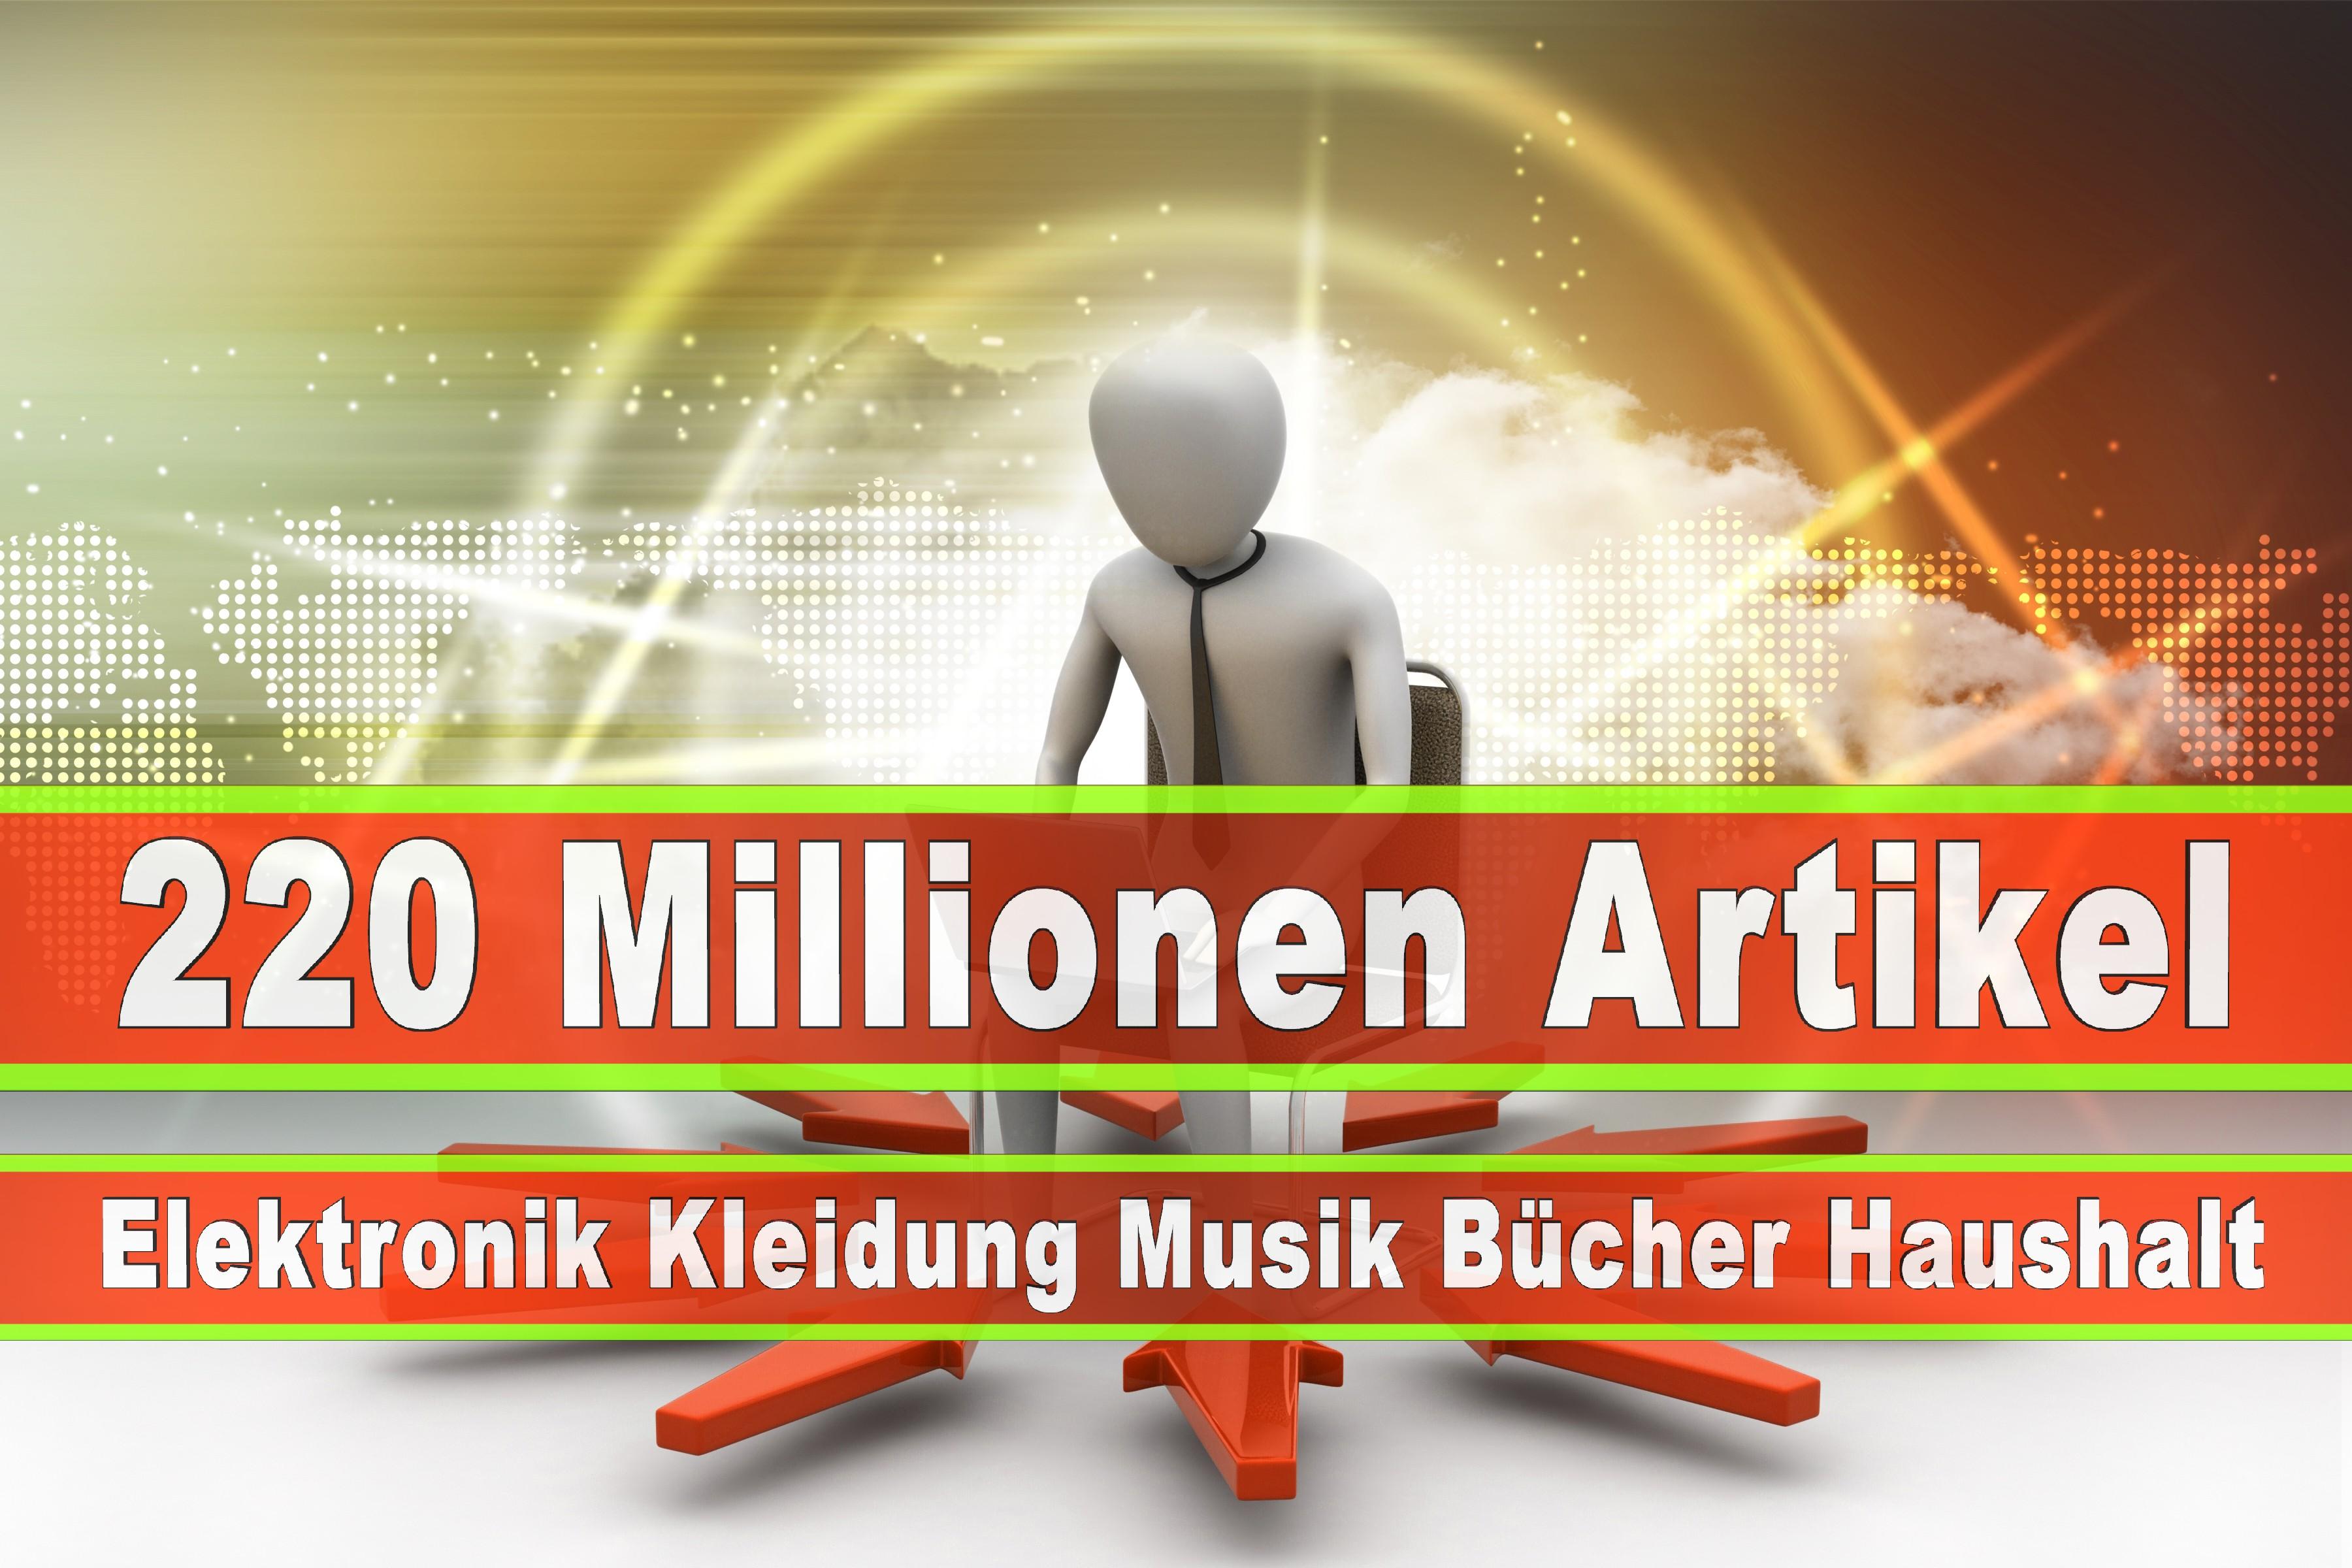 Amazon Elektronik Musik Haushalt Bücher CD DVD Handys Smartphones TV Television Fernseher Kleidung Mode Ebay (67)